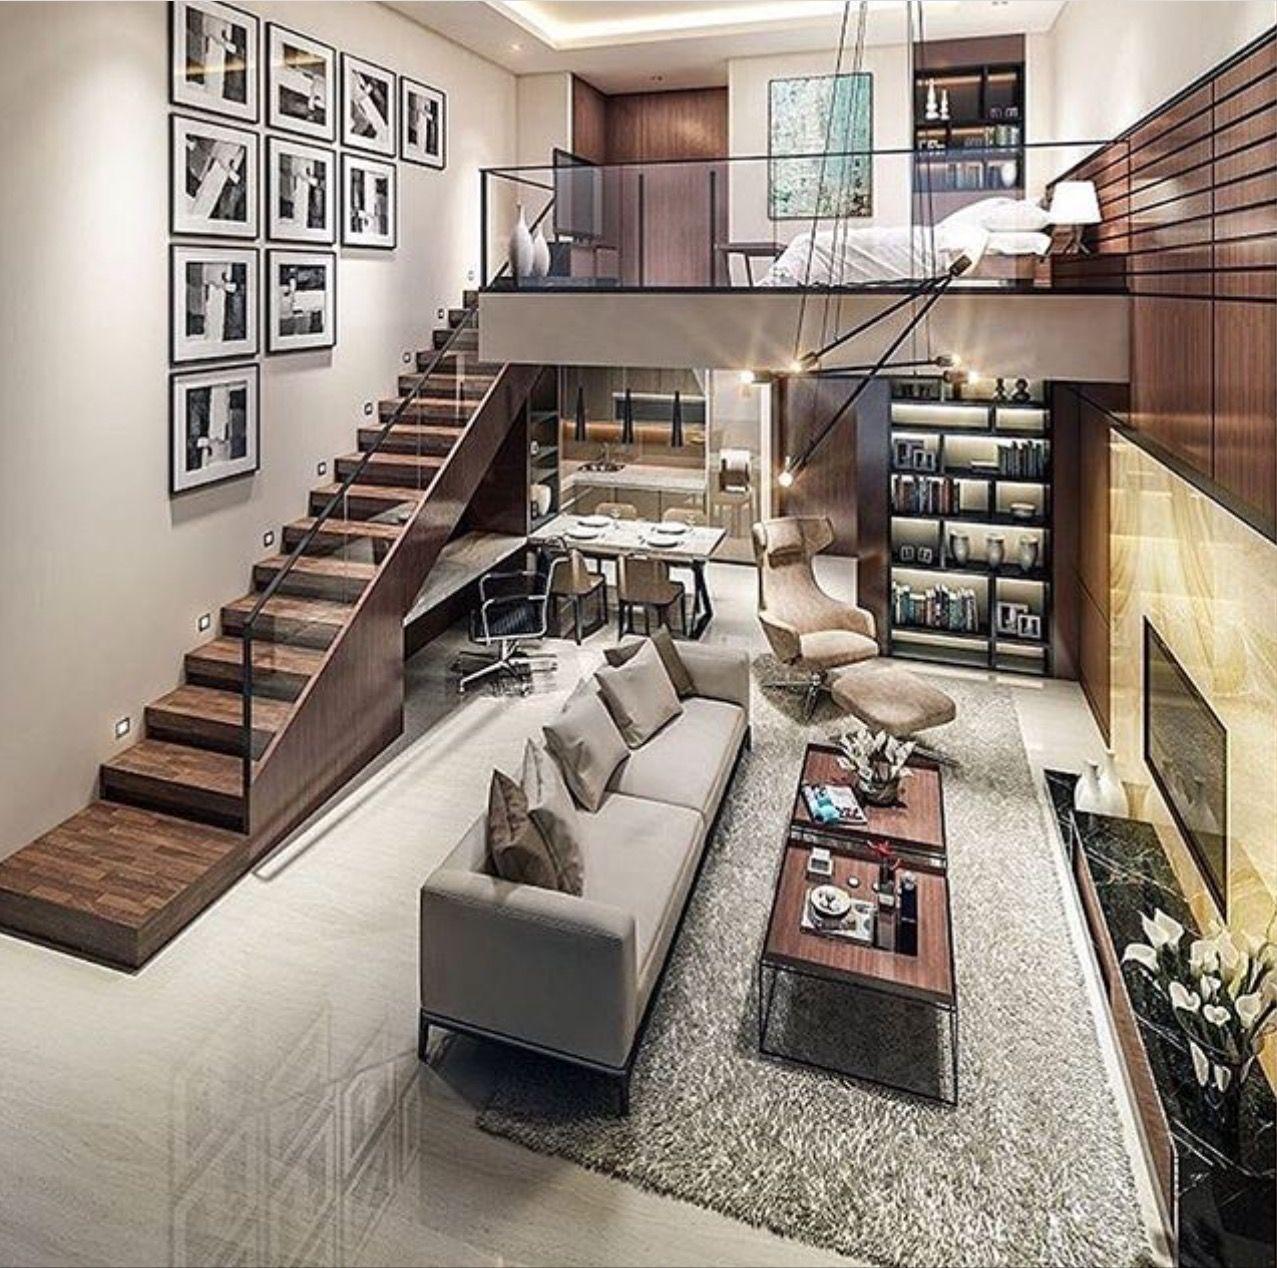 Salon maison maison moderne décoration maison mobilier de salon aménagement studio